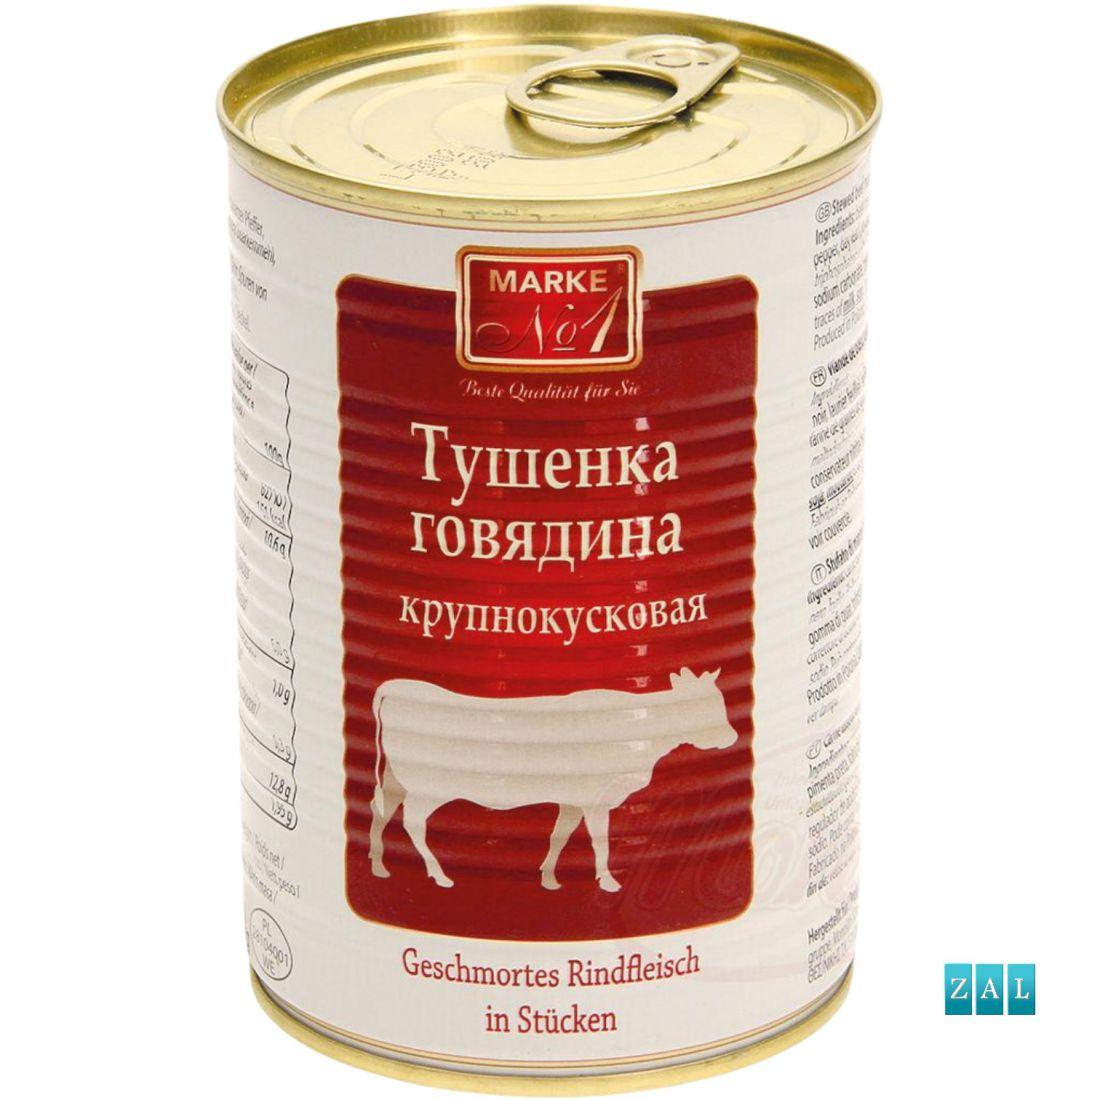 Orosz Marhahúskonzerv 400g